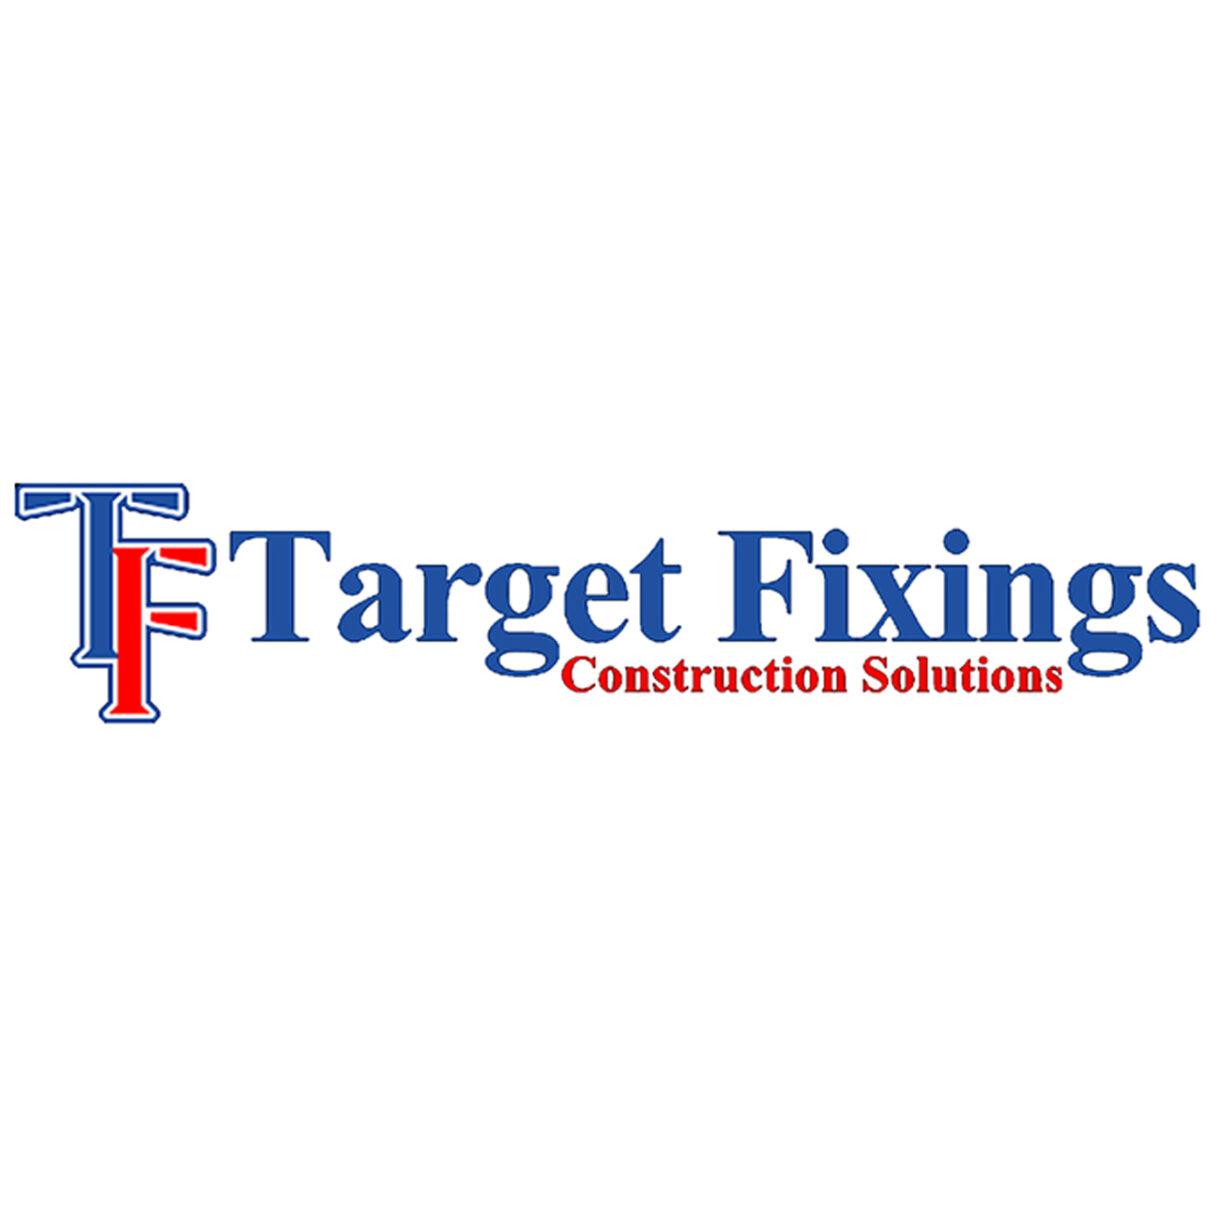 TARGET FIXINGS